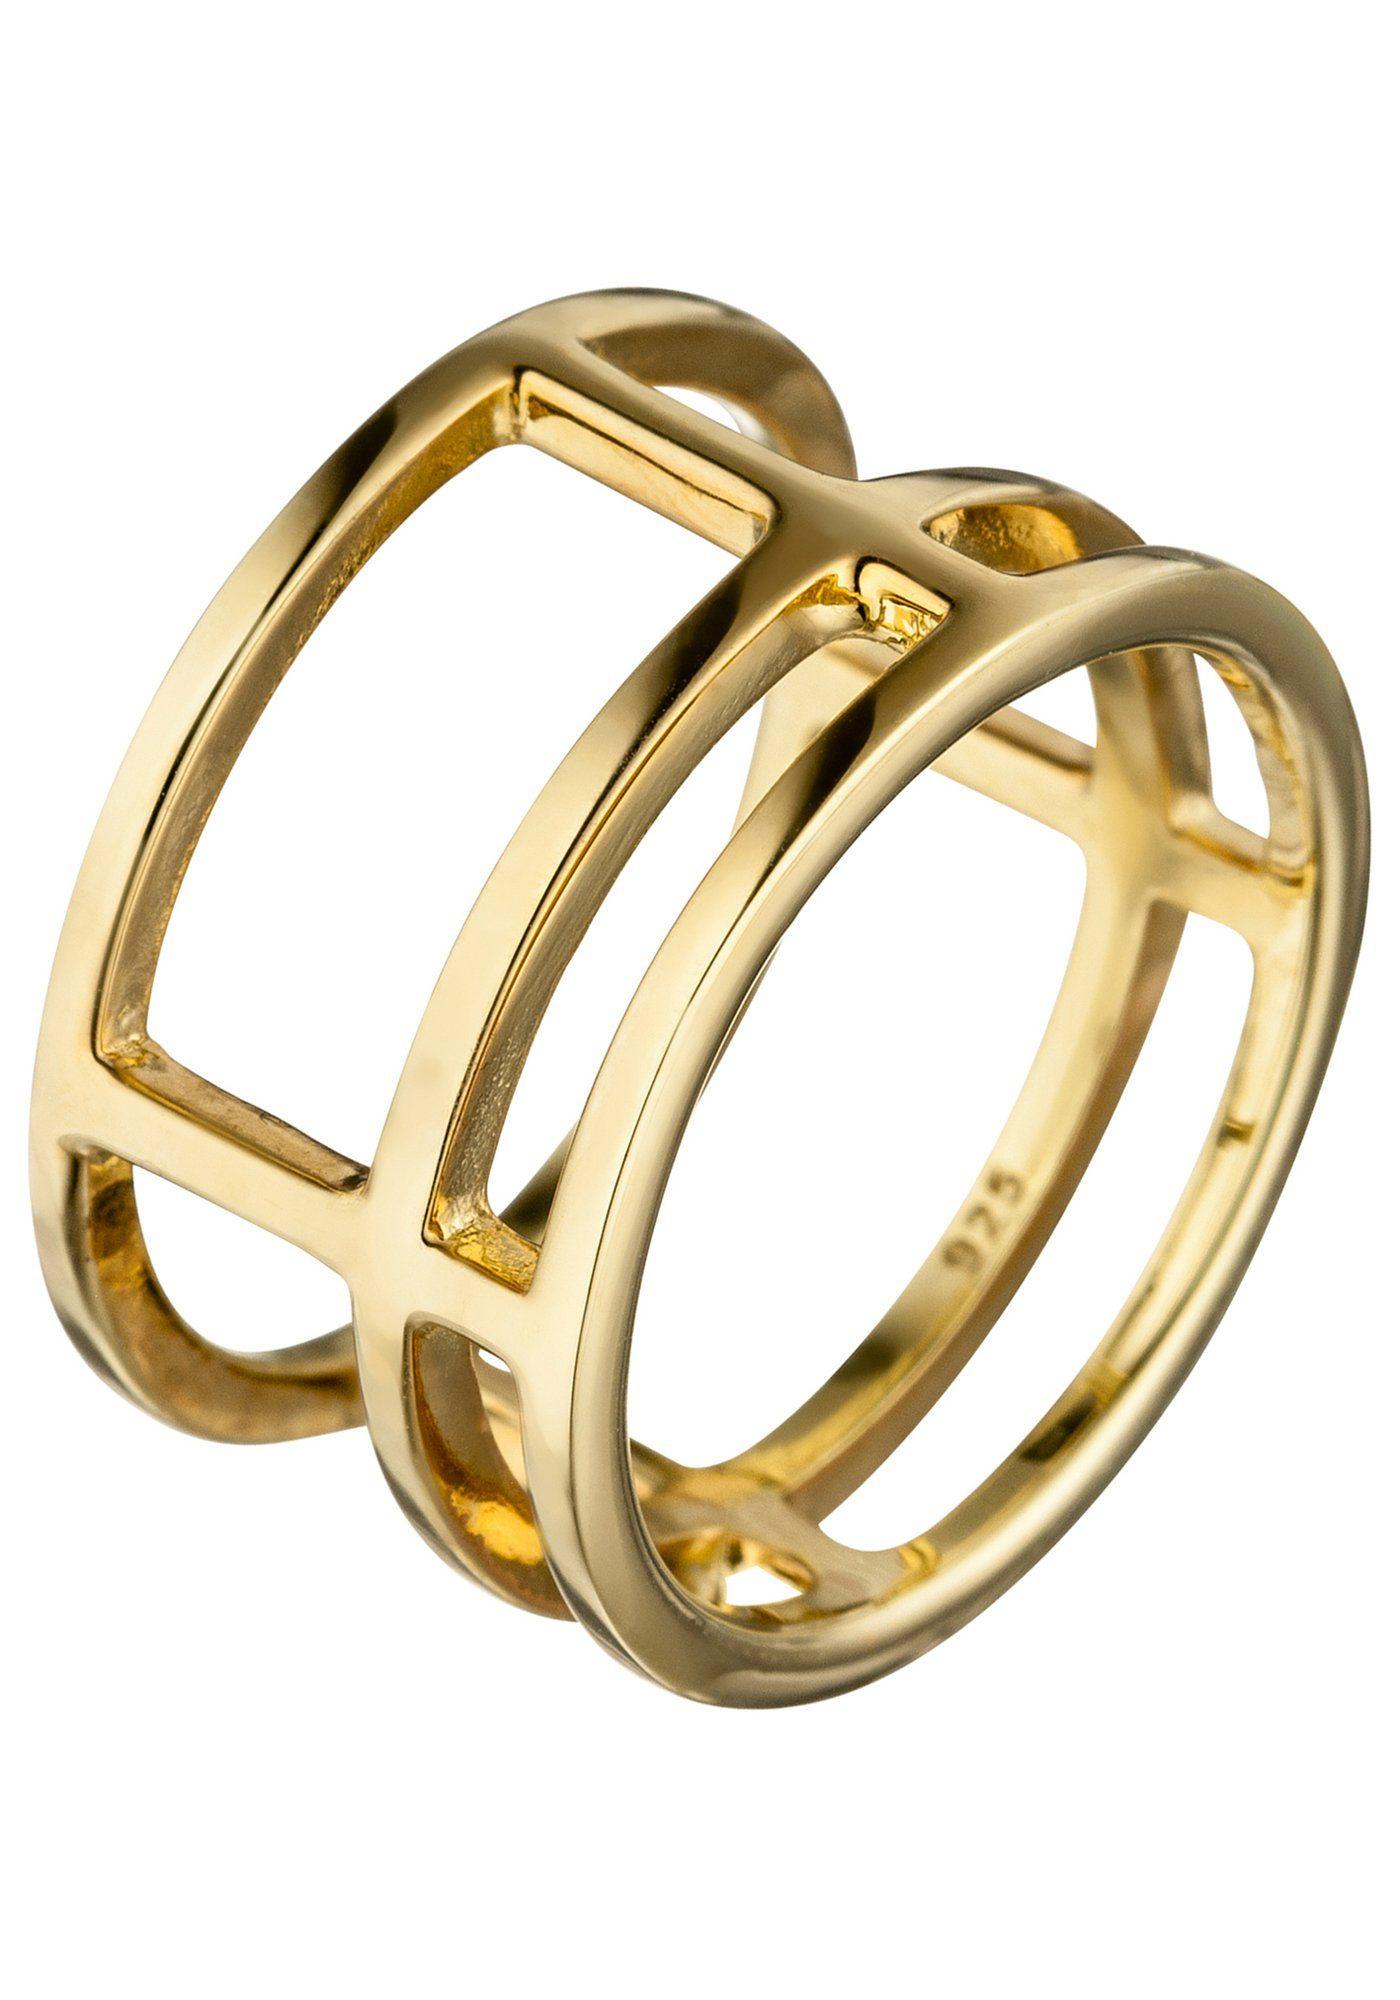 JOBO Fingerring breit 925 Silber vergoldet